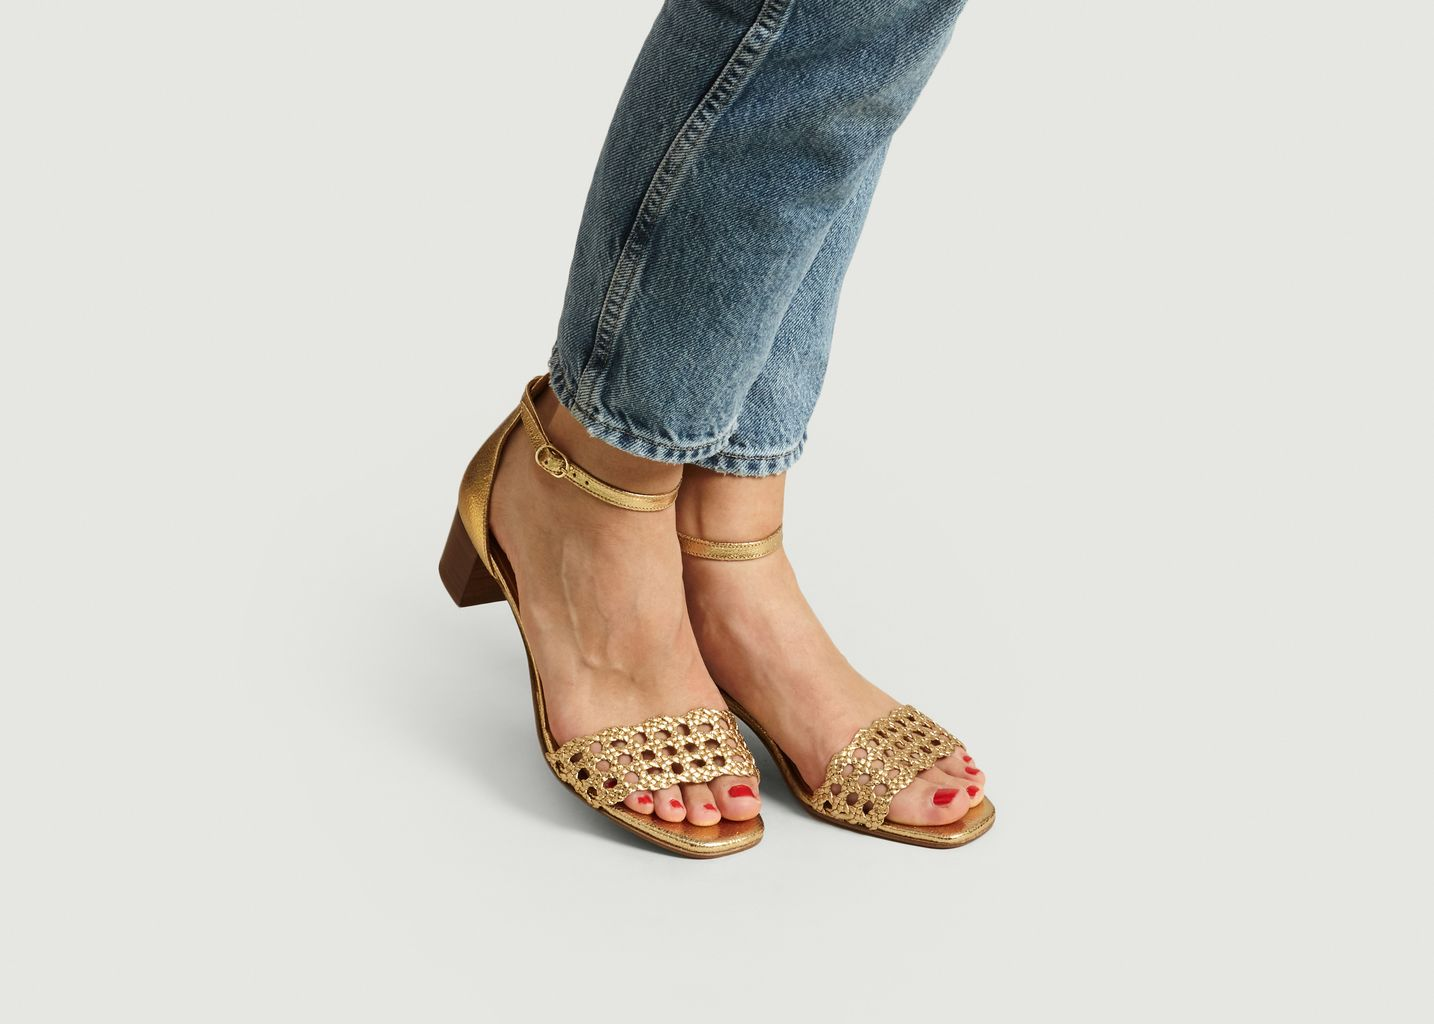 Sandales en cuir craquelé n°890 - Rivecour